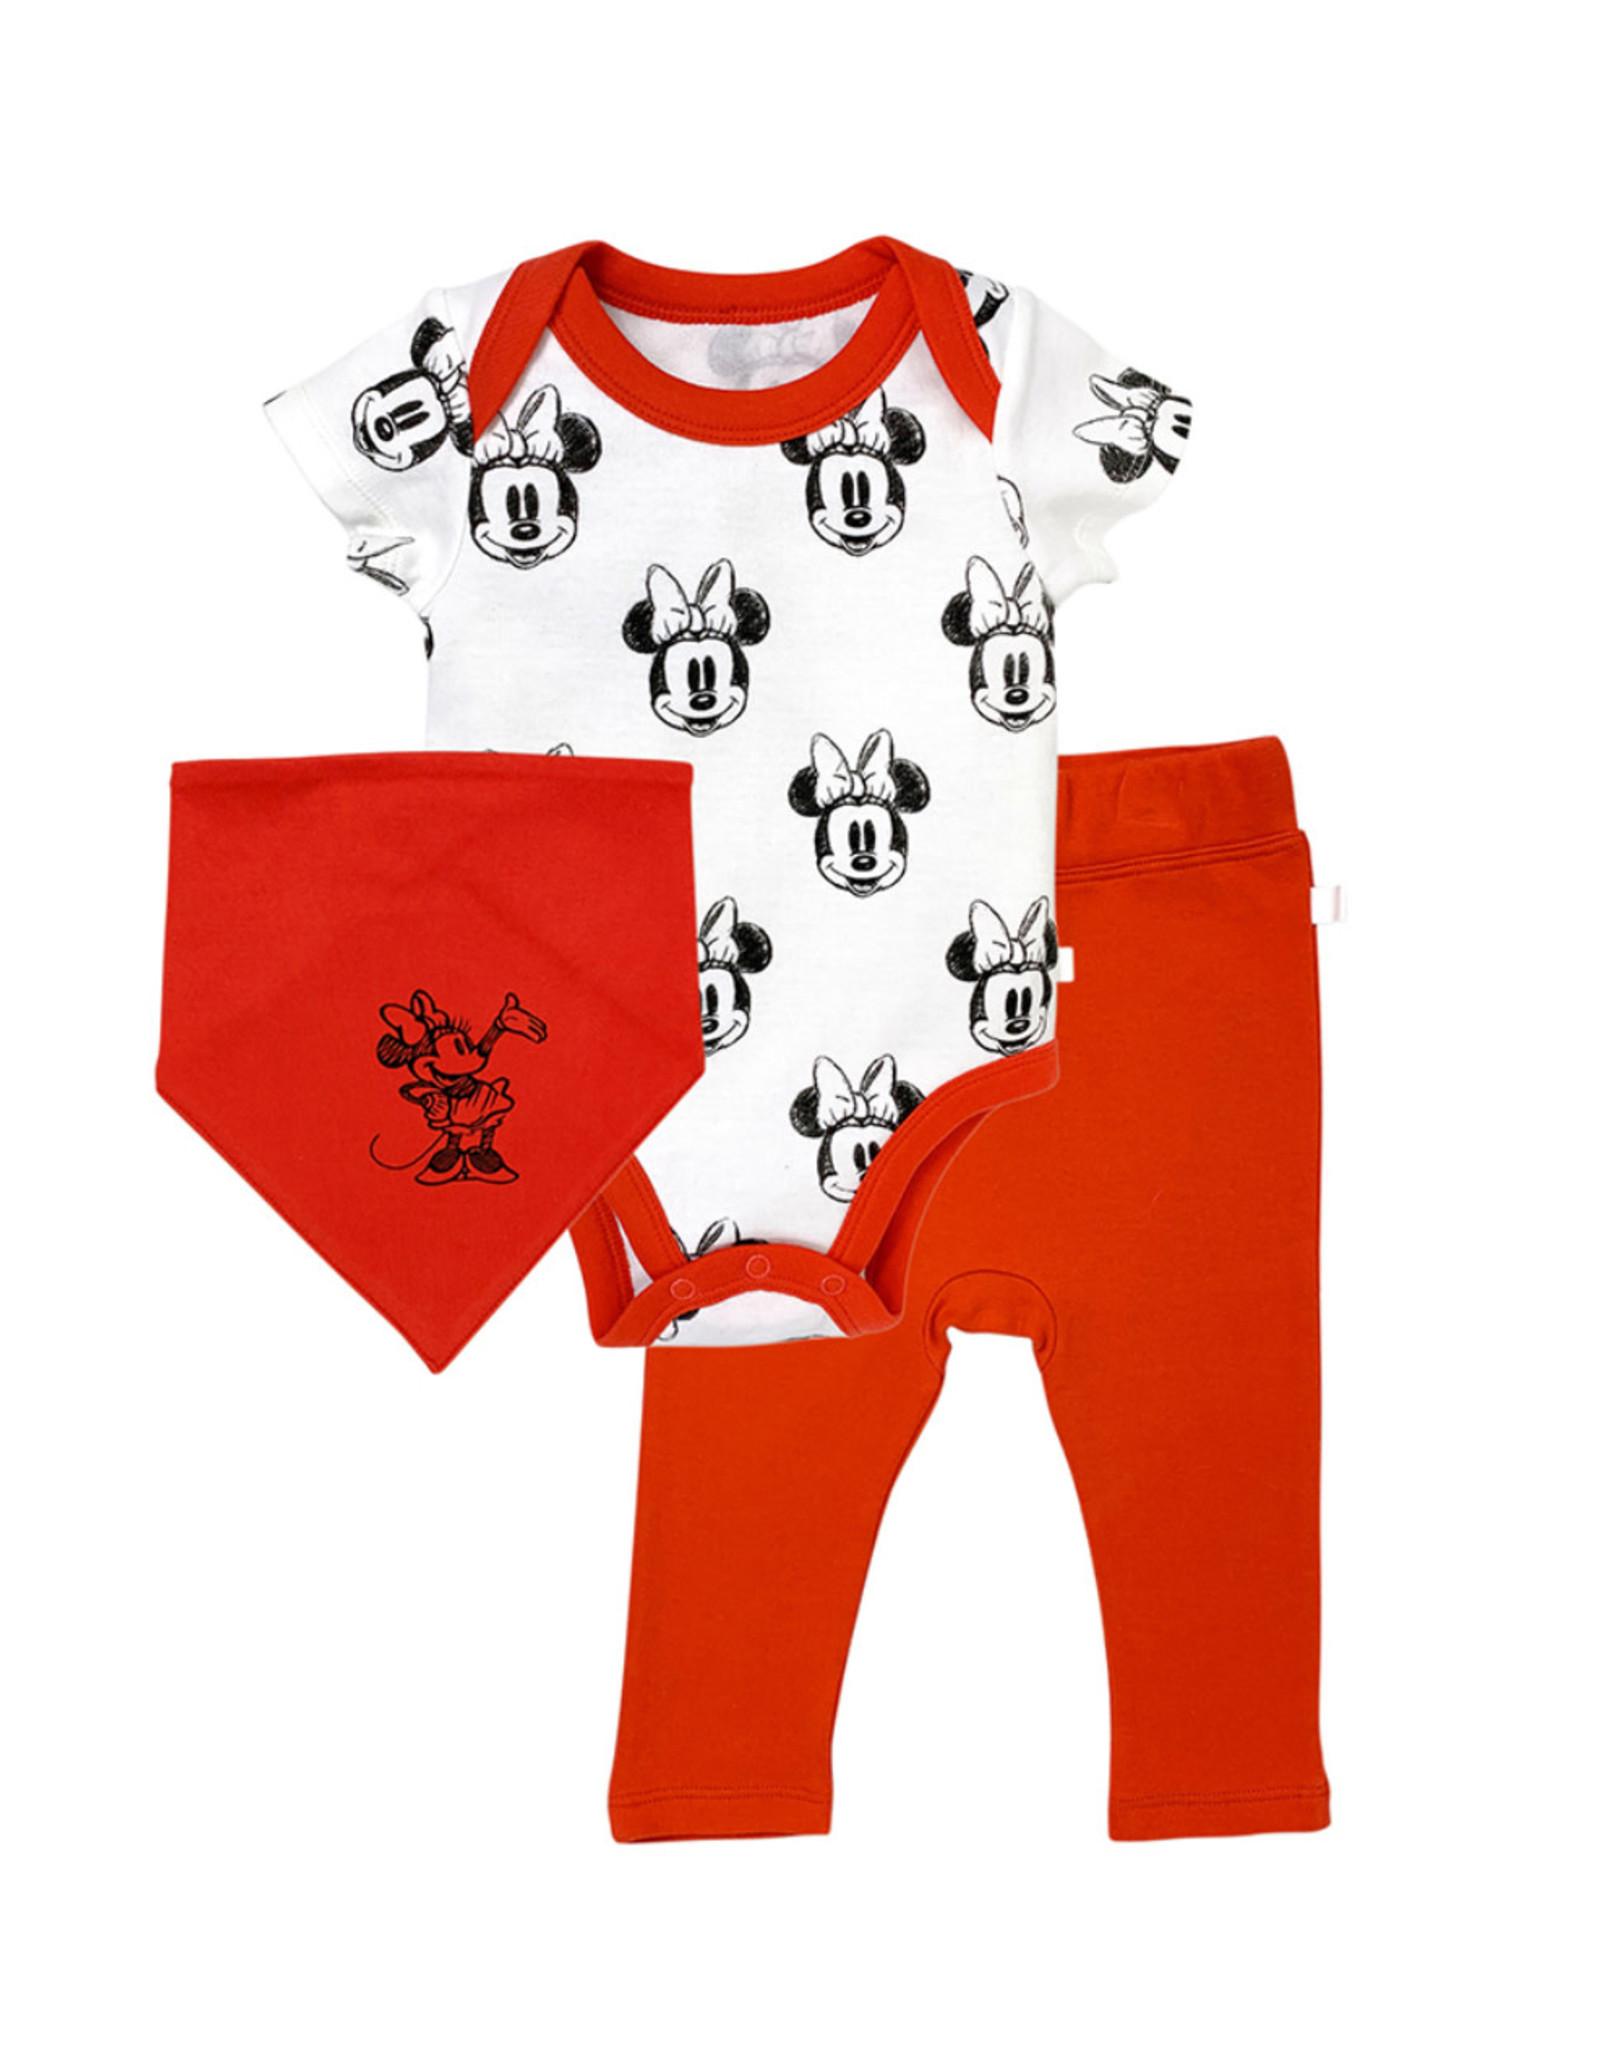 Finn & Emma Disney Bodysuit, Pants, & Bib Set Minnie Mouse